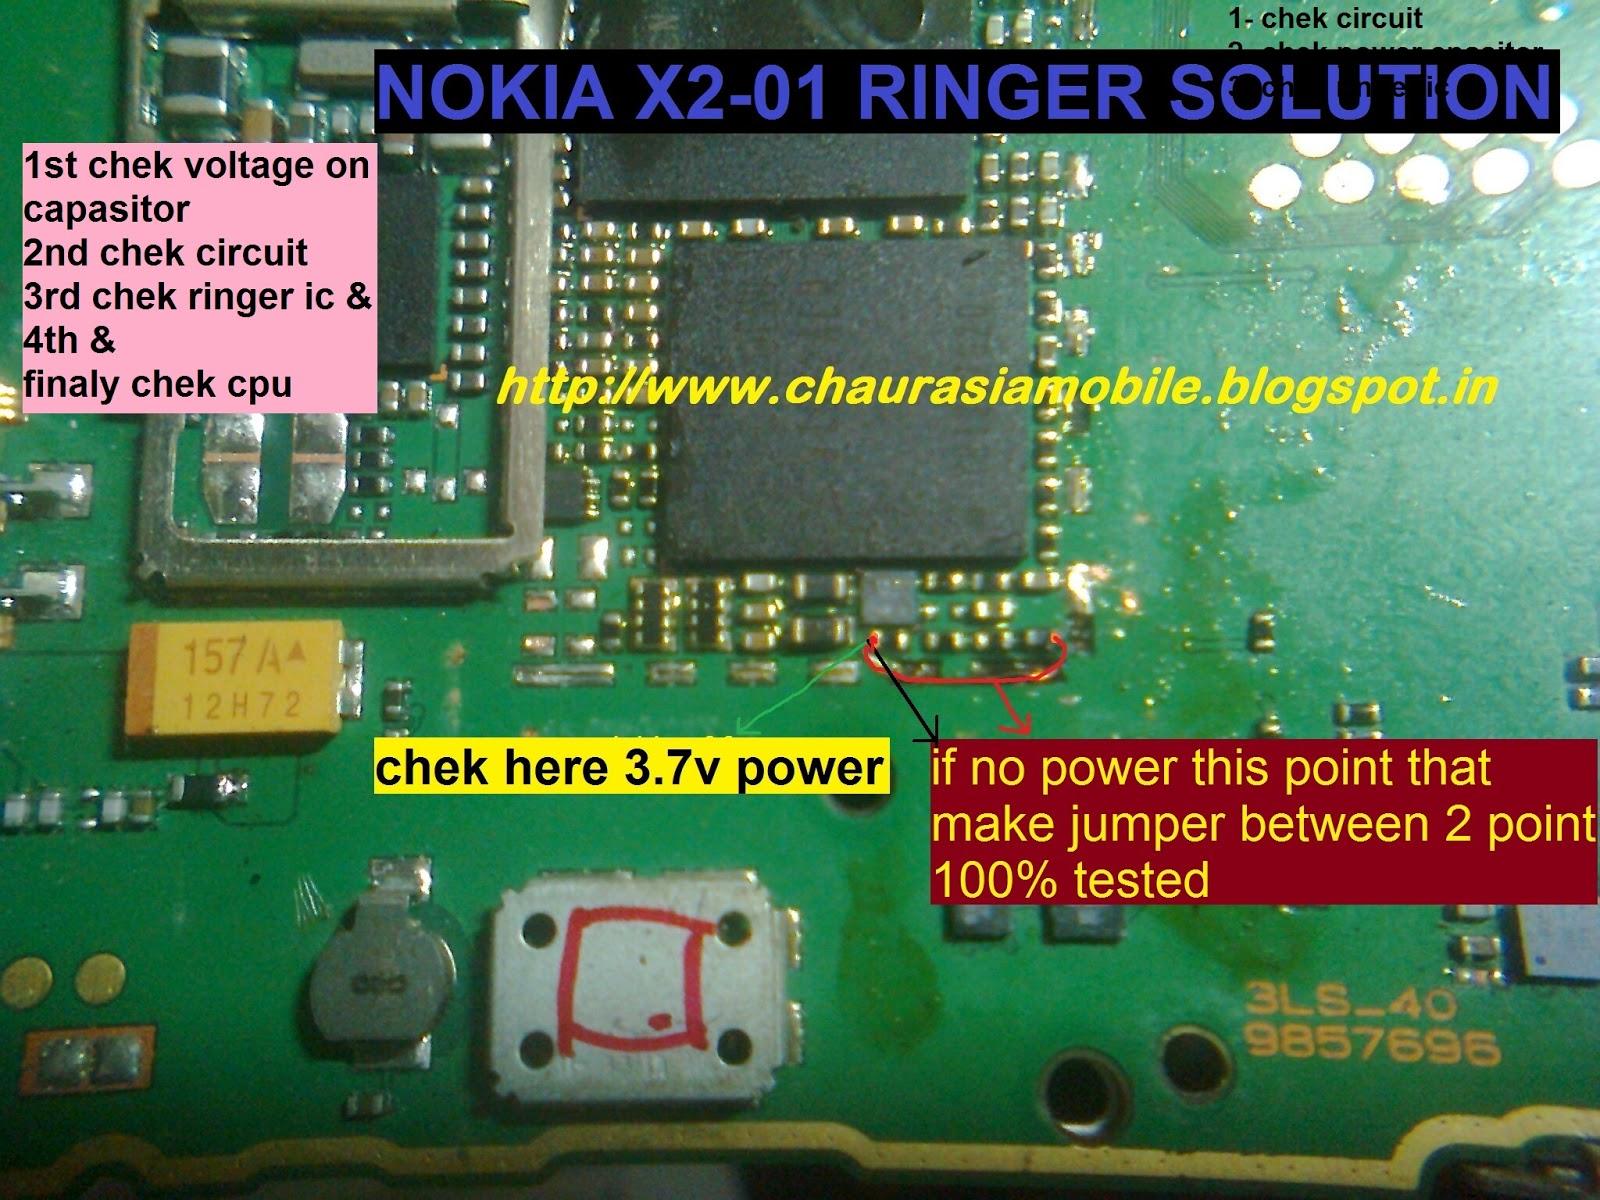 Google themes nokia x2-01 - Nokia X2 01 Ringer Solution